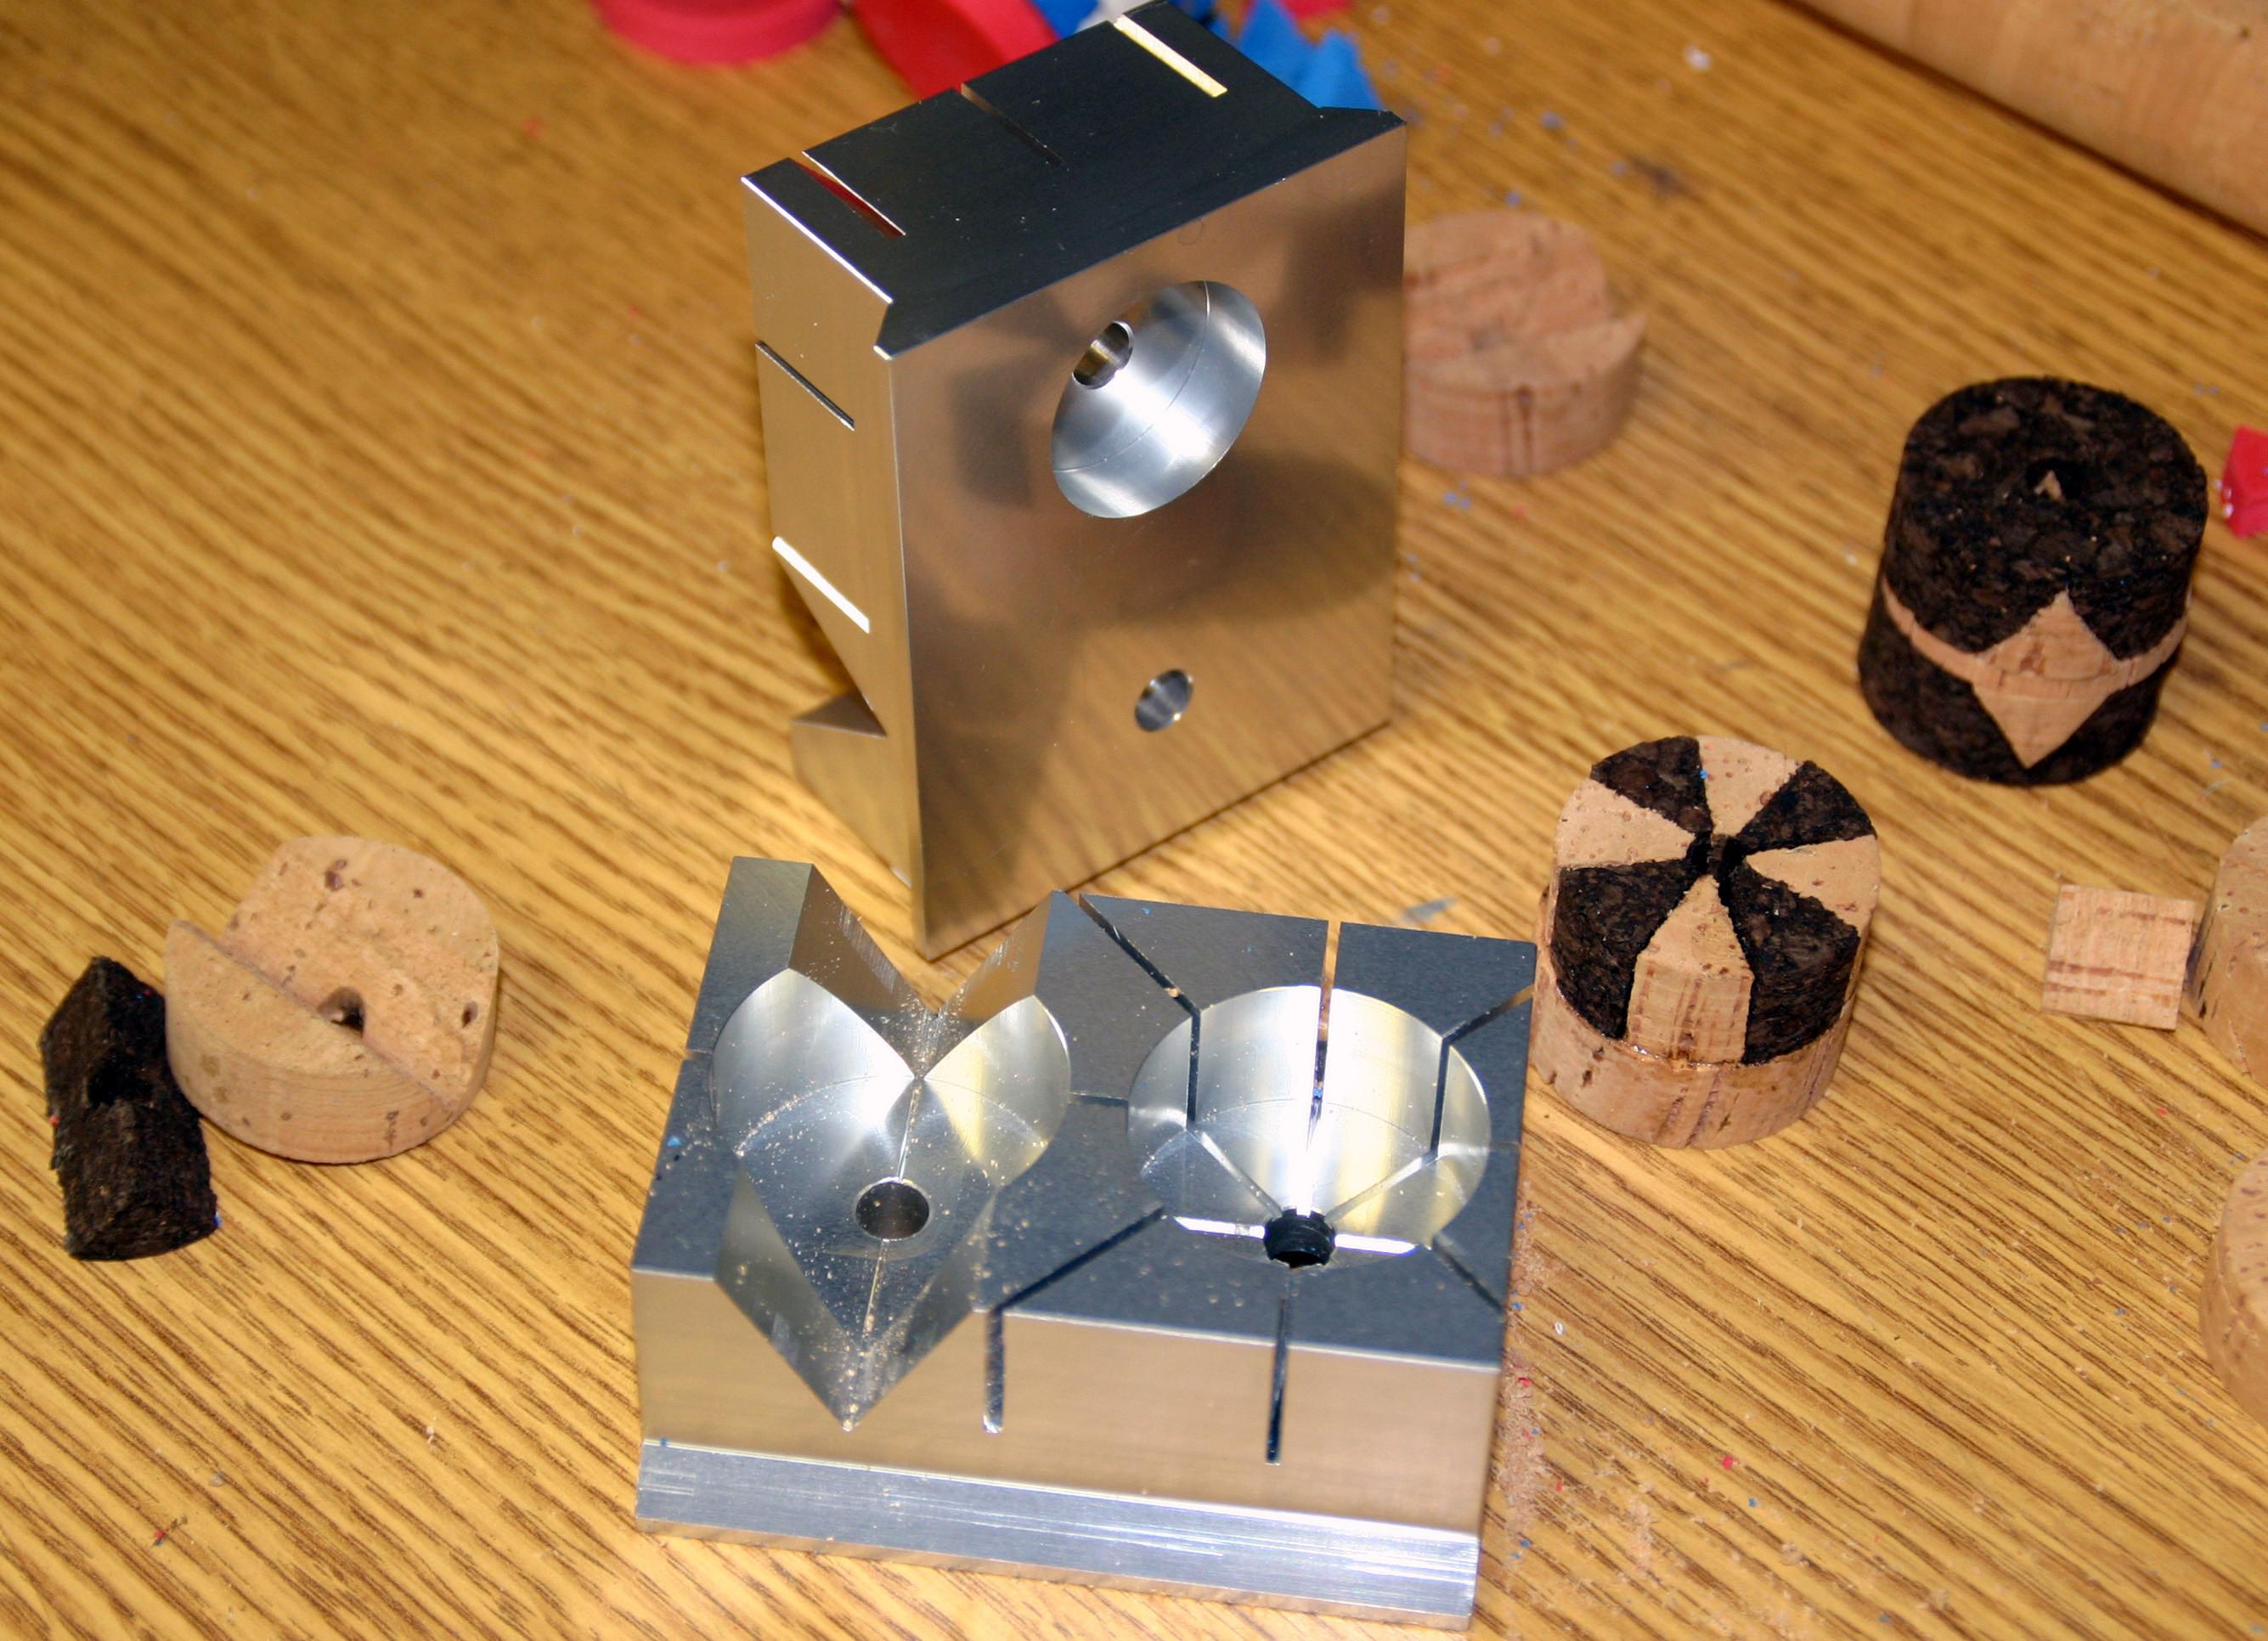 3-in-1-schablone zum zerschneiden von kork - rod building equipment